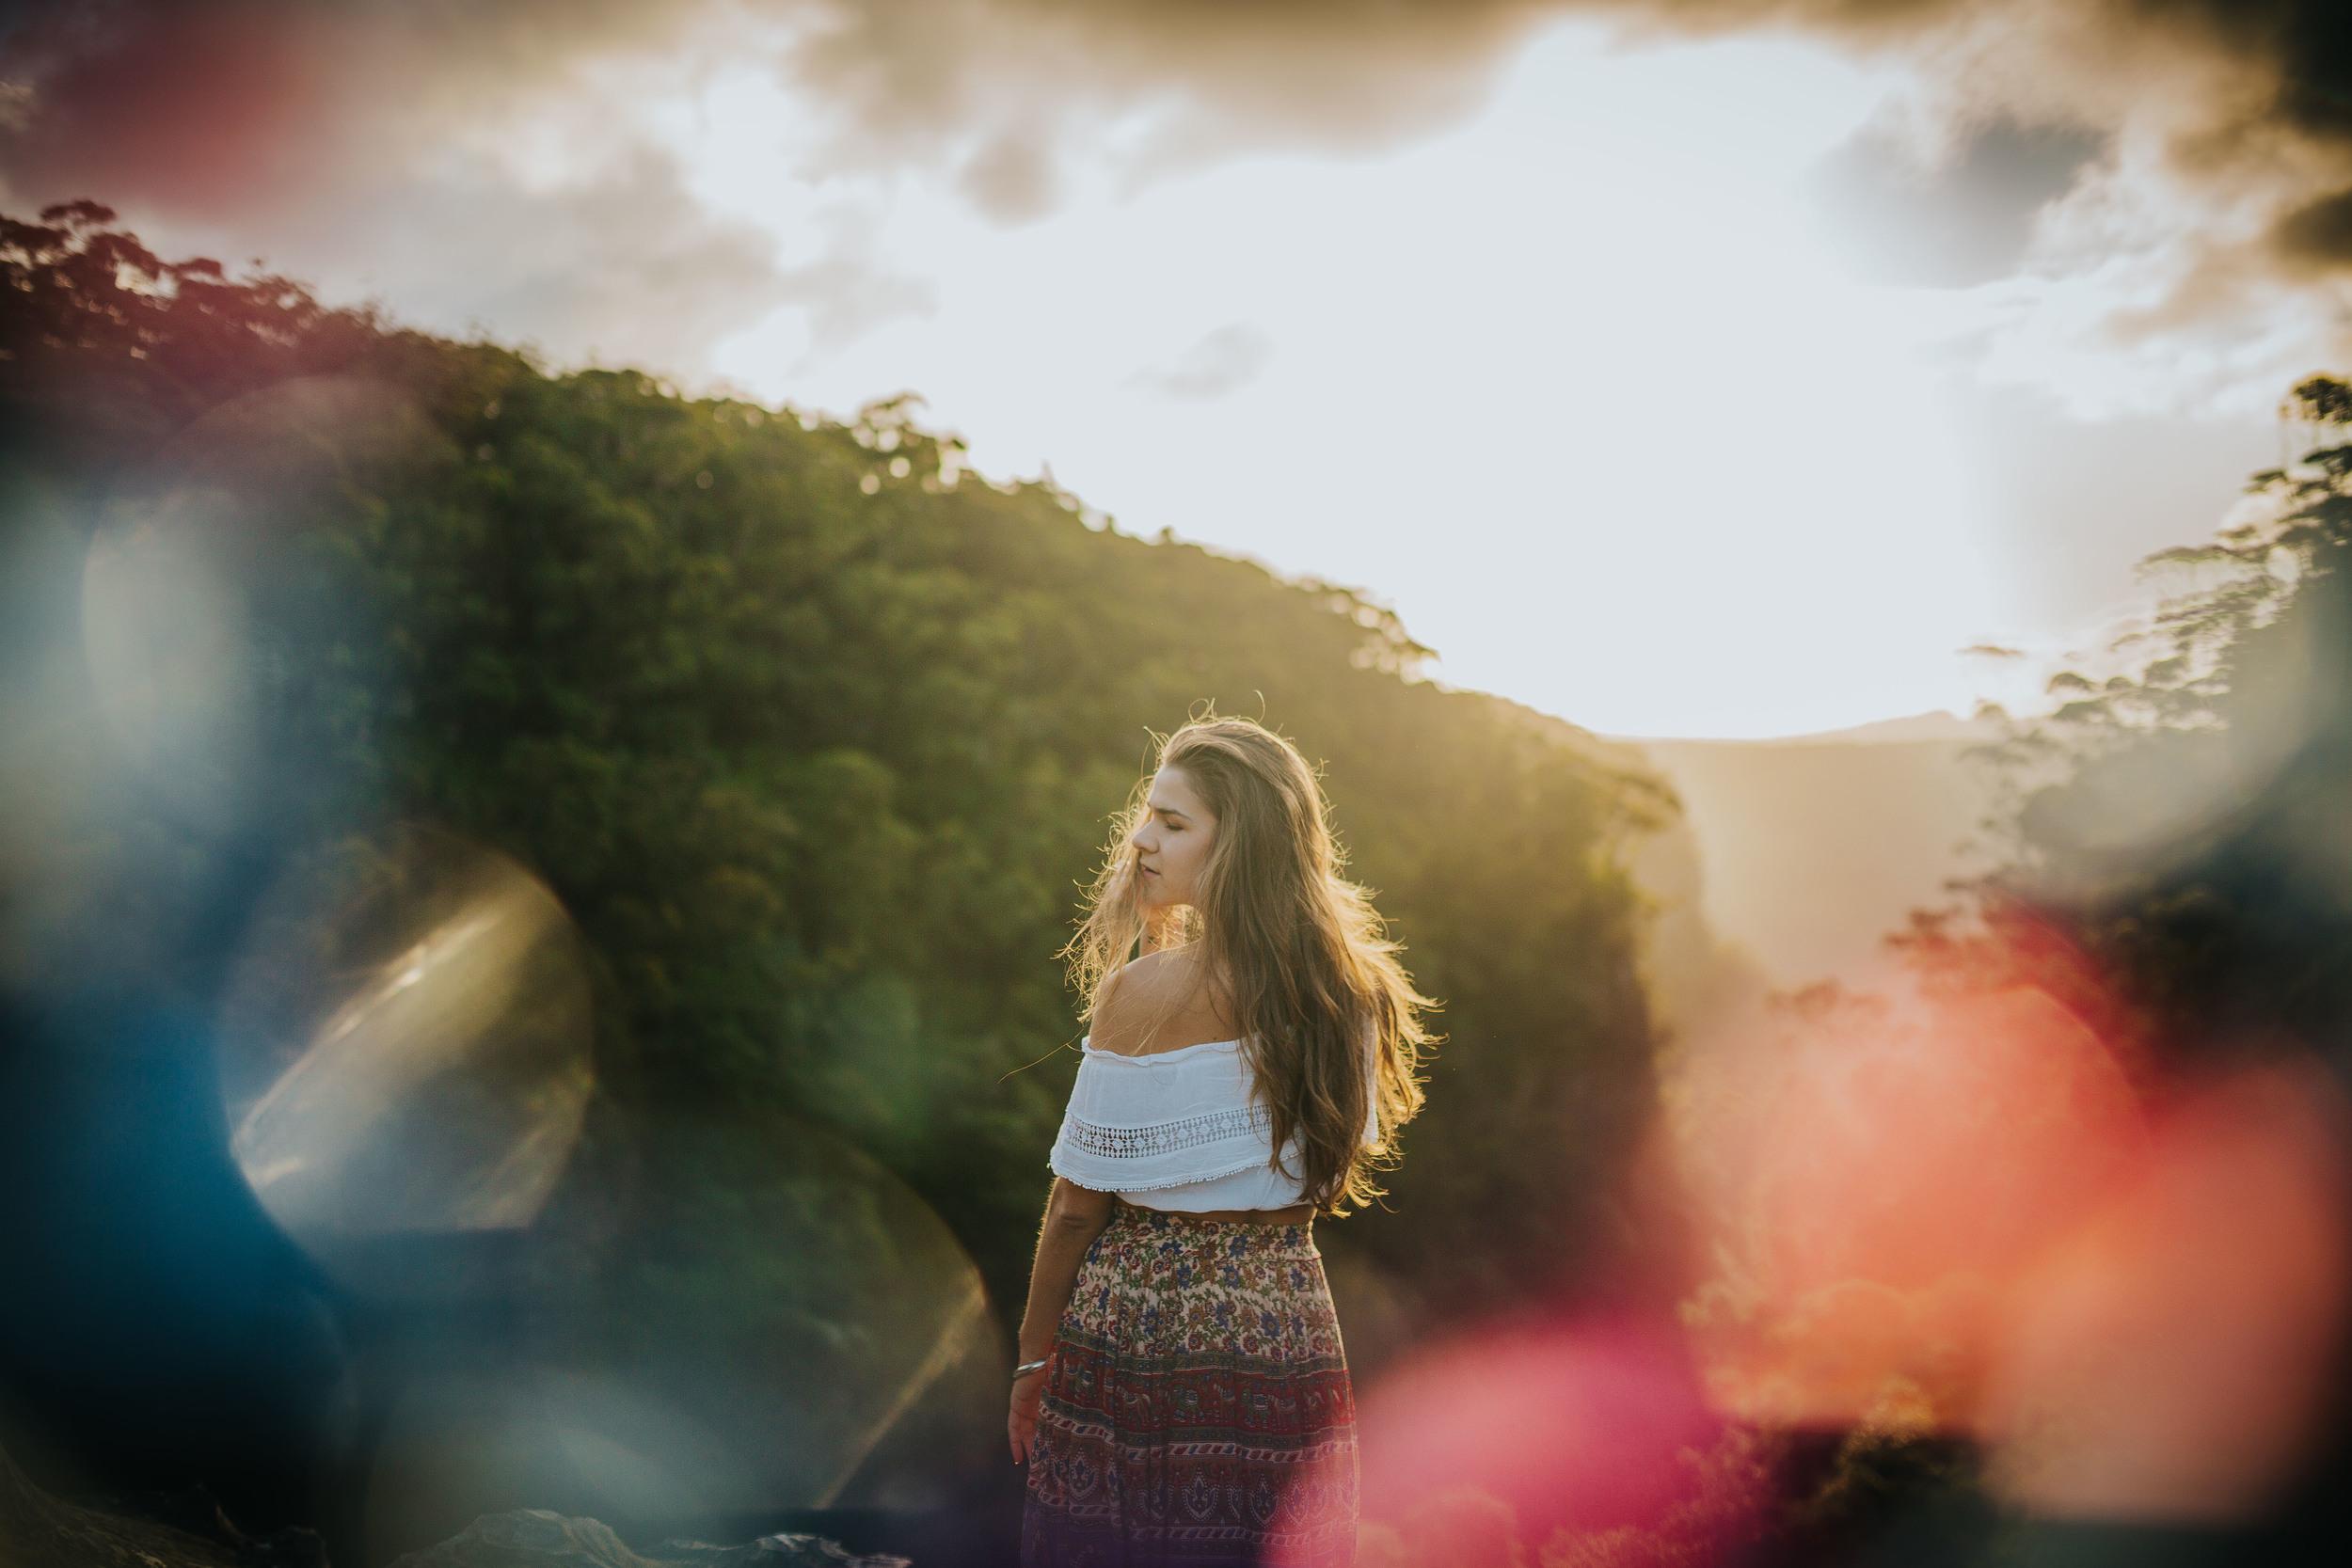 Megan_alanataylorphotographyBLOG-15.jpg